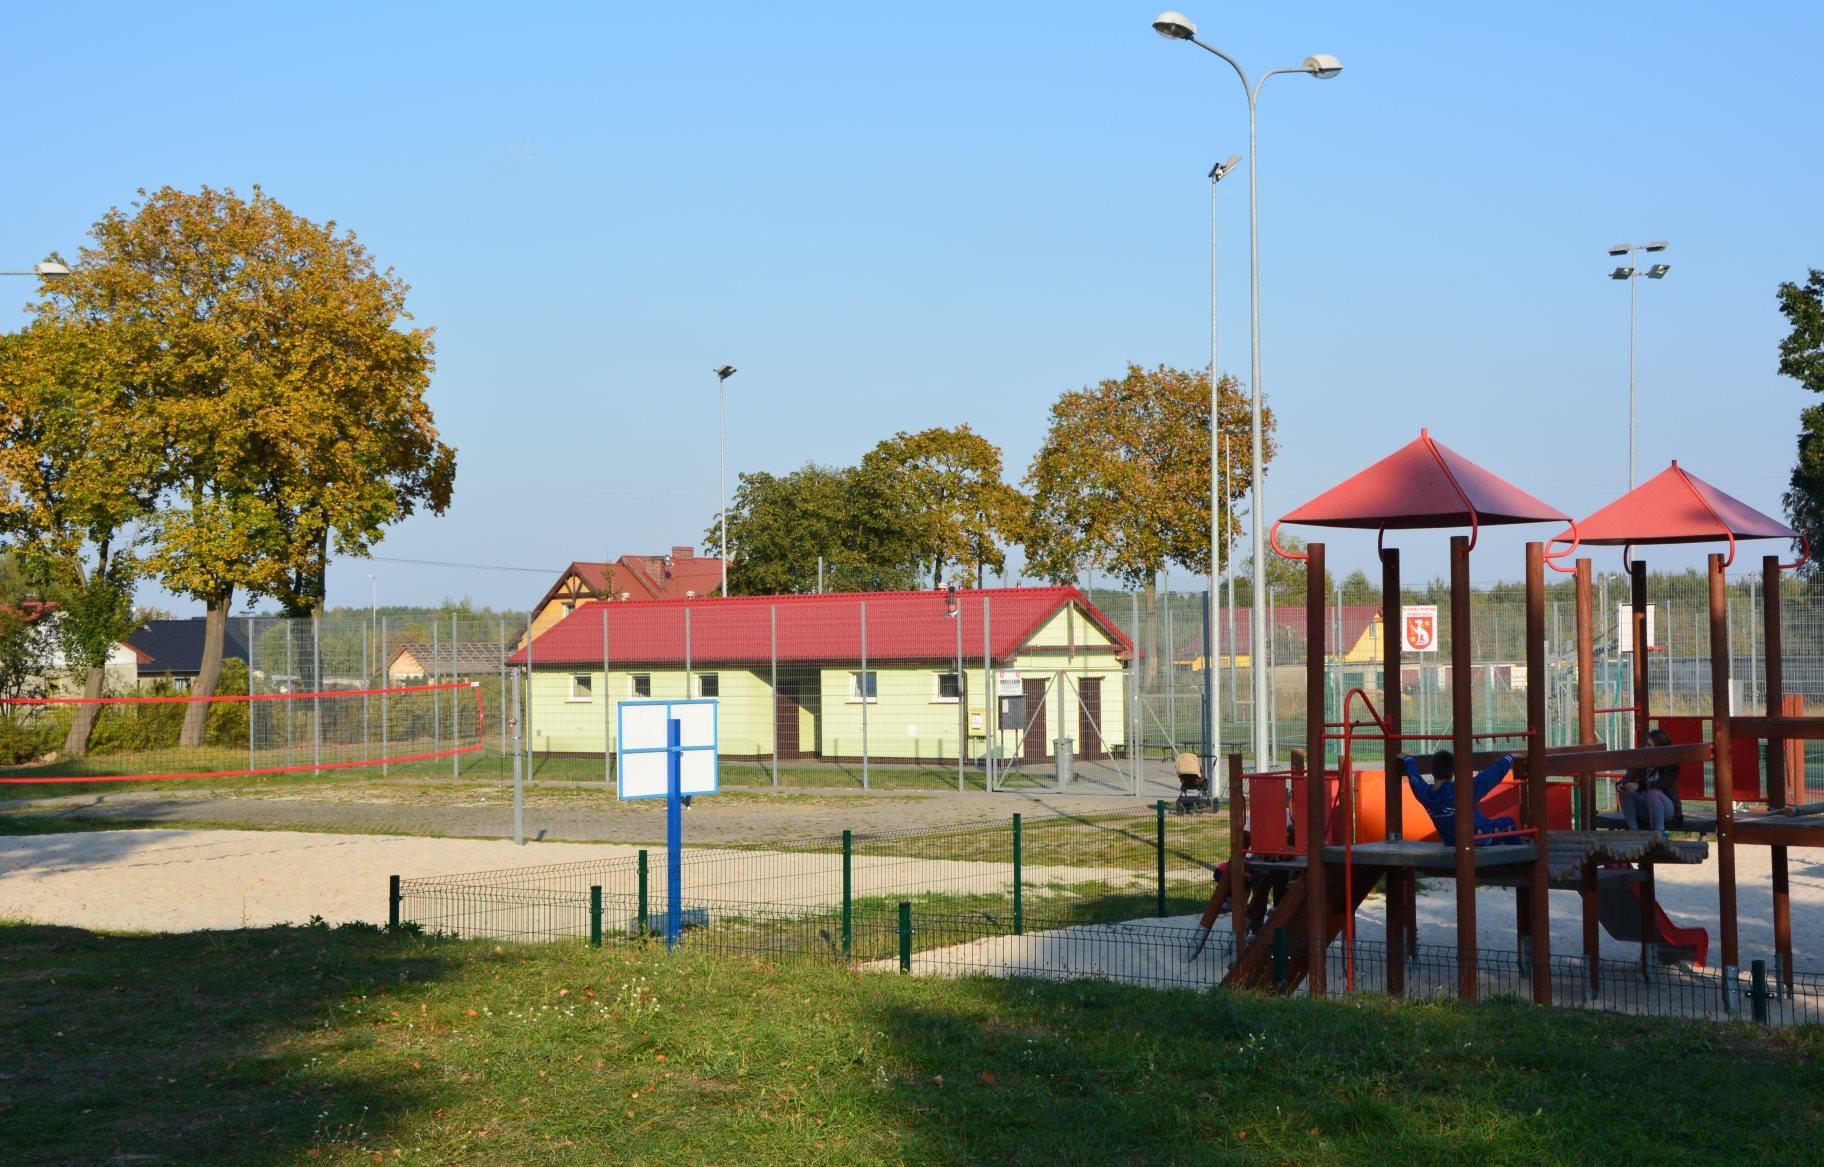 boisko, plac zabaw i budynek kryty czerwonym dachem